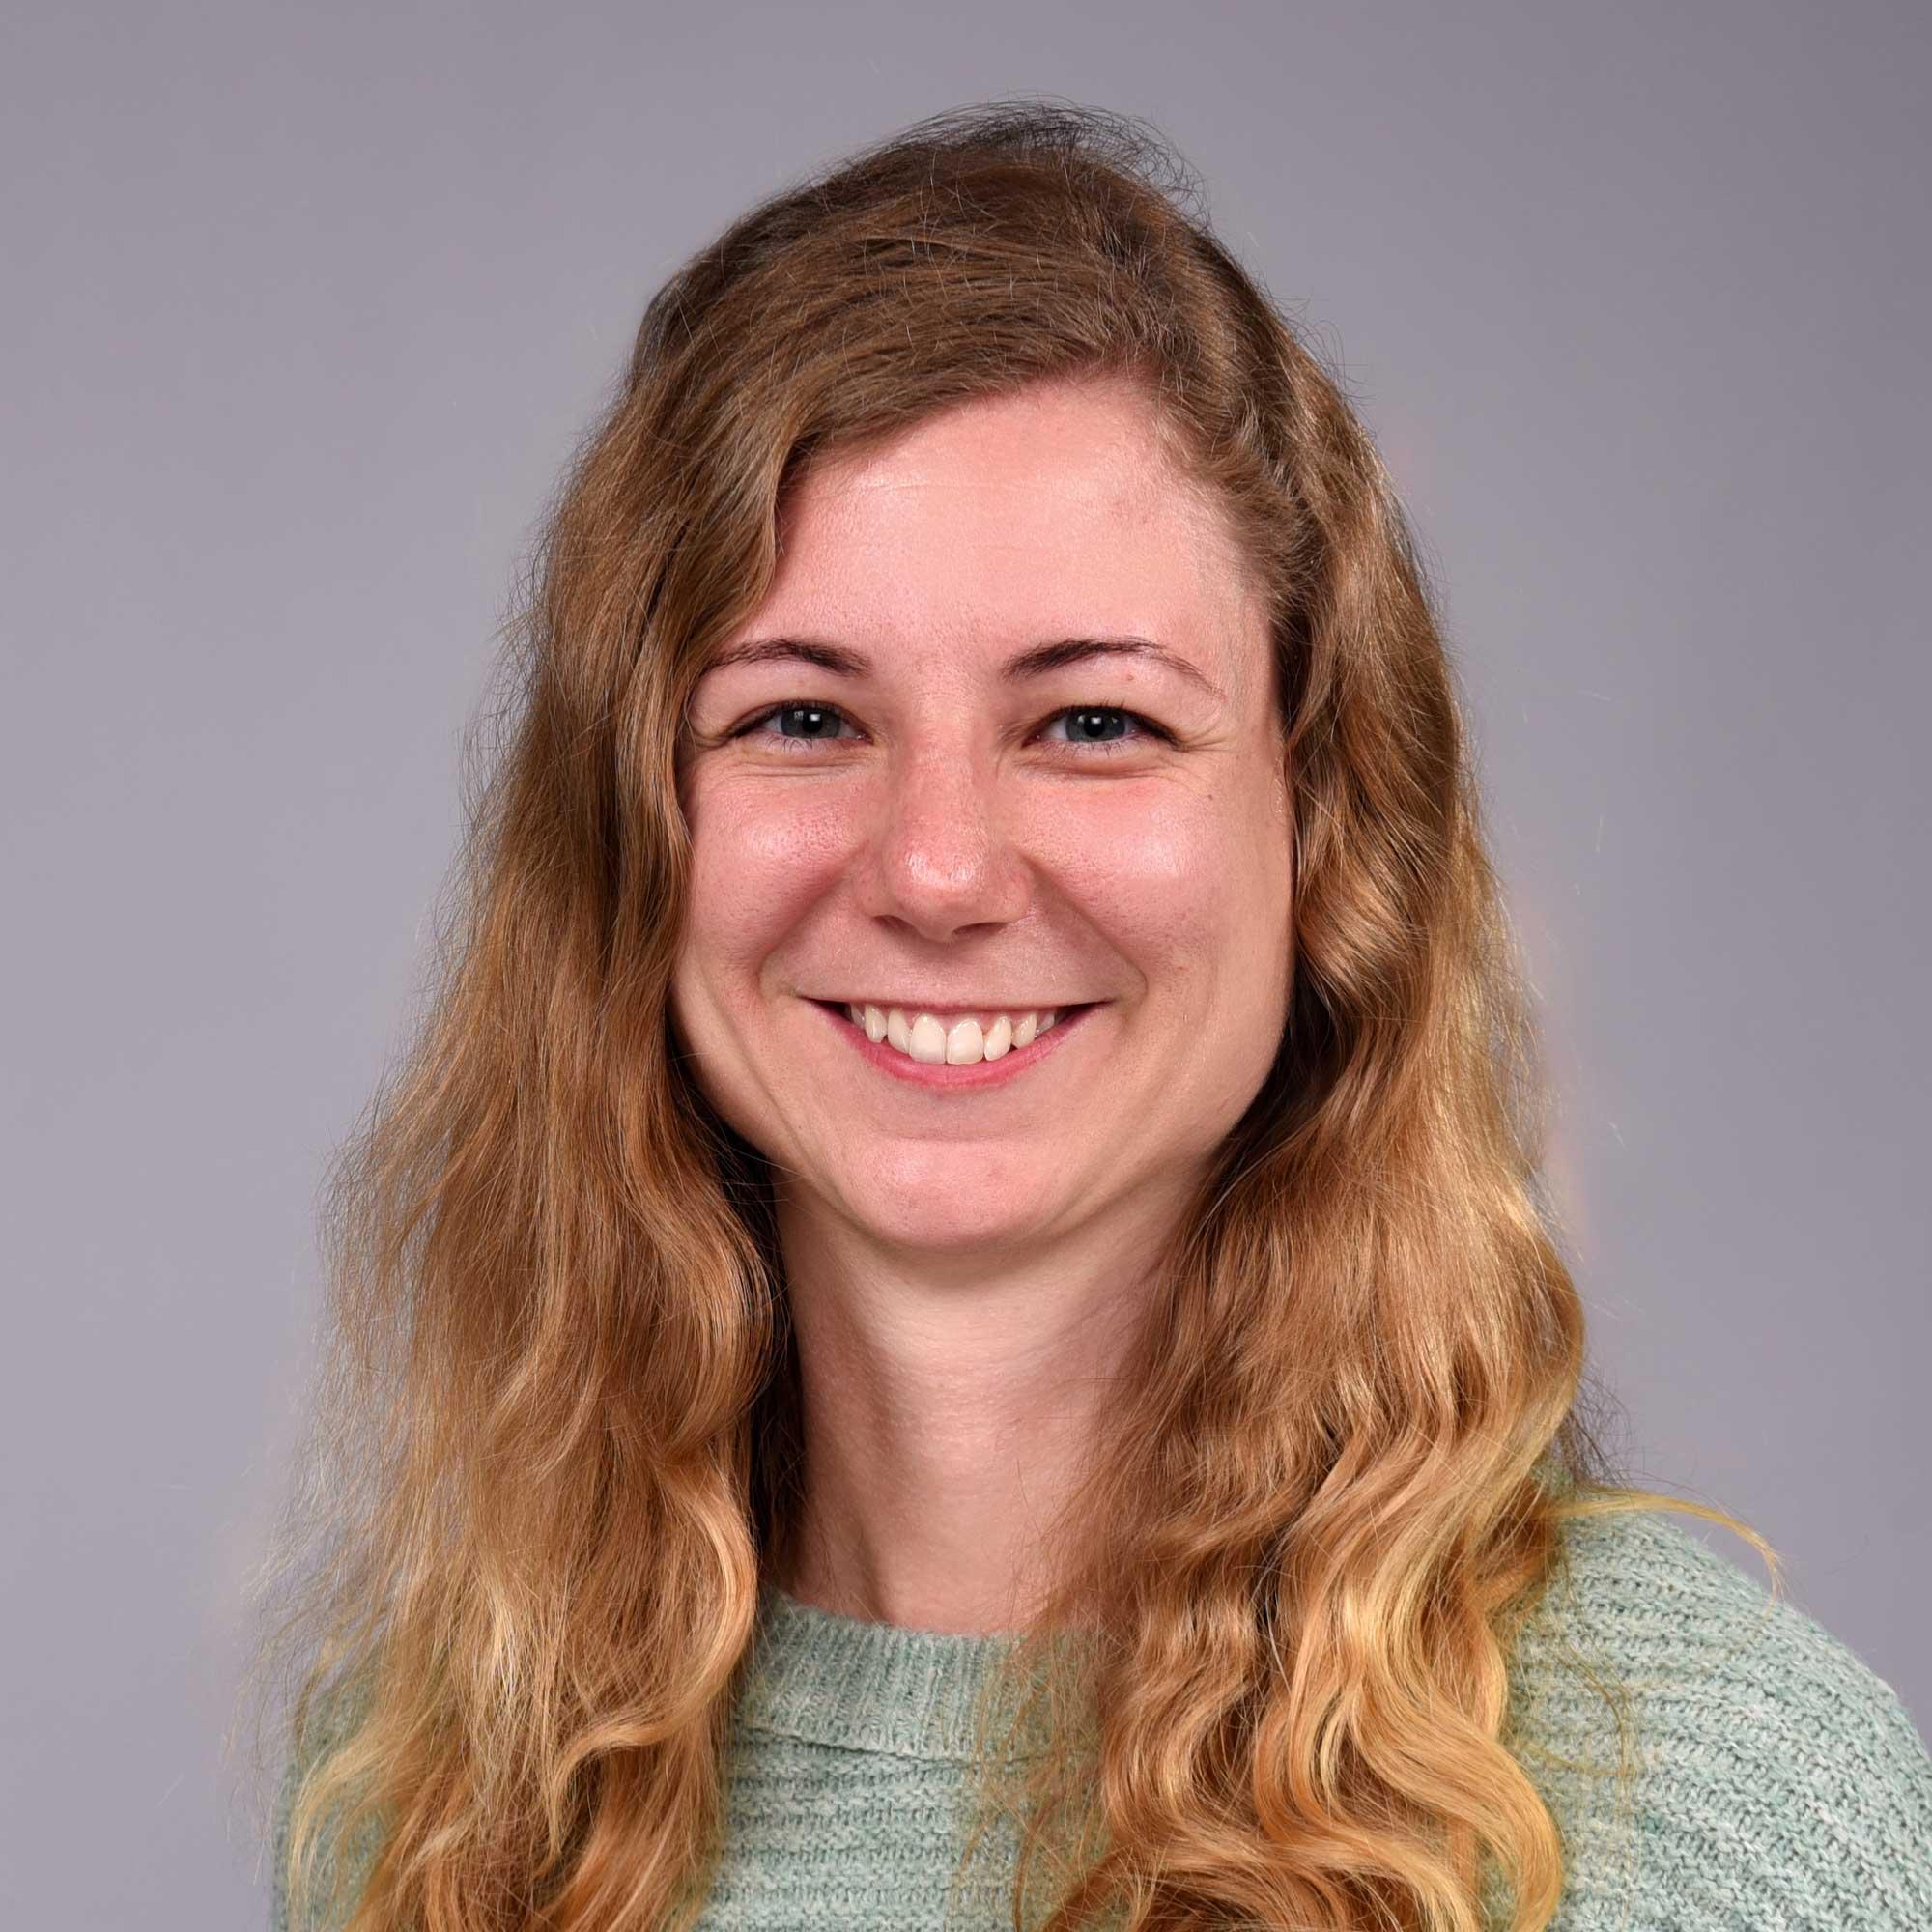 Natalie Reichen